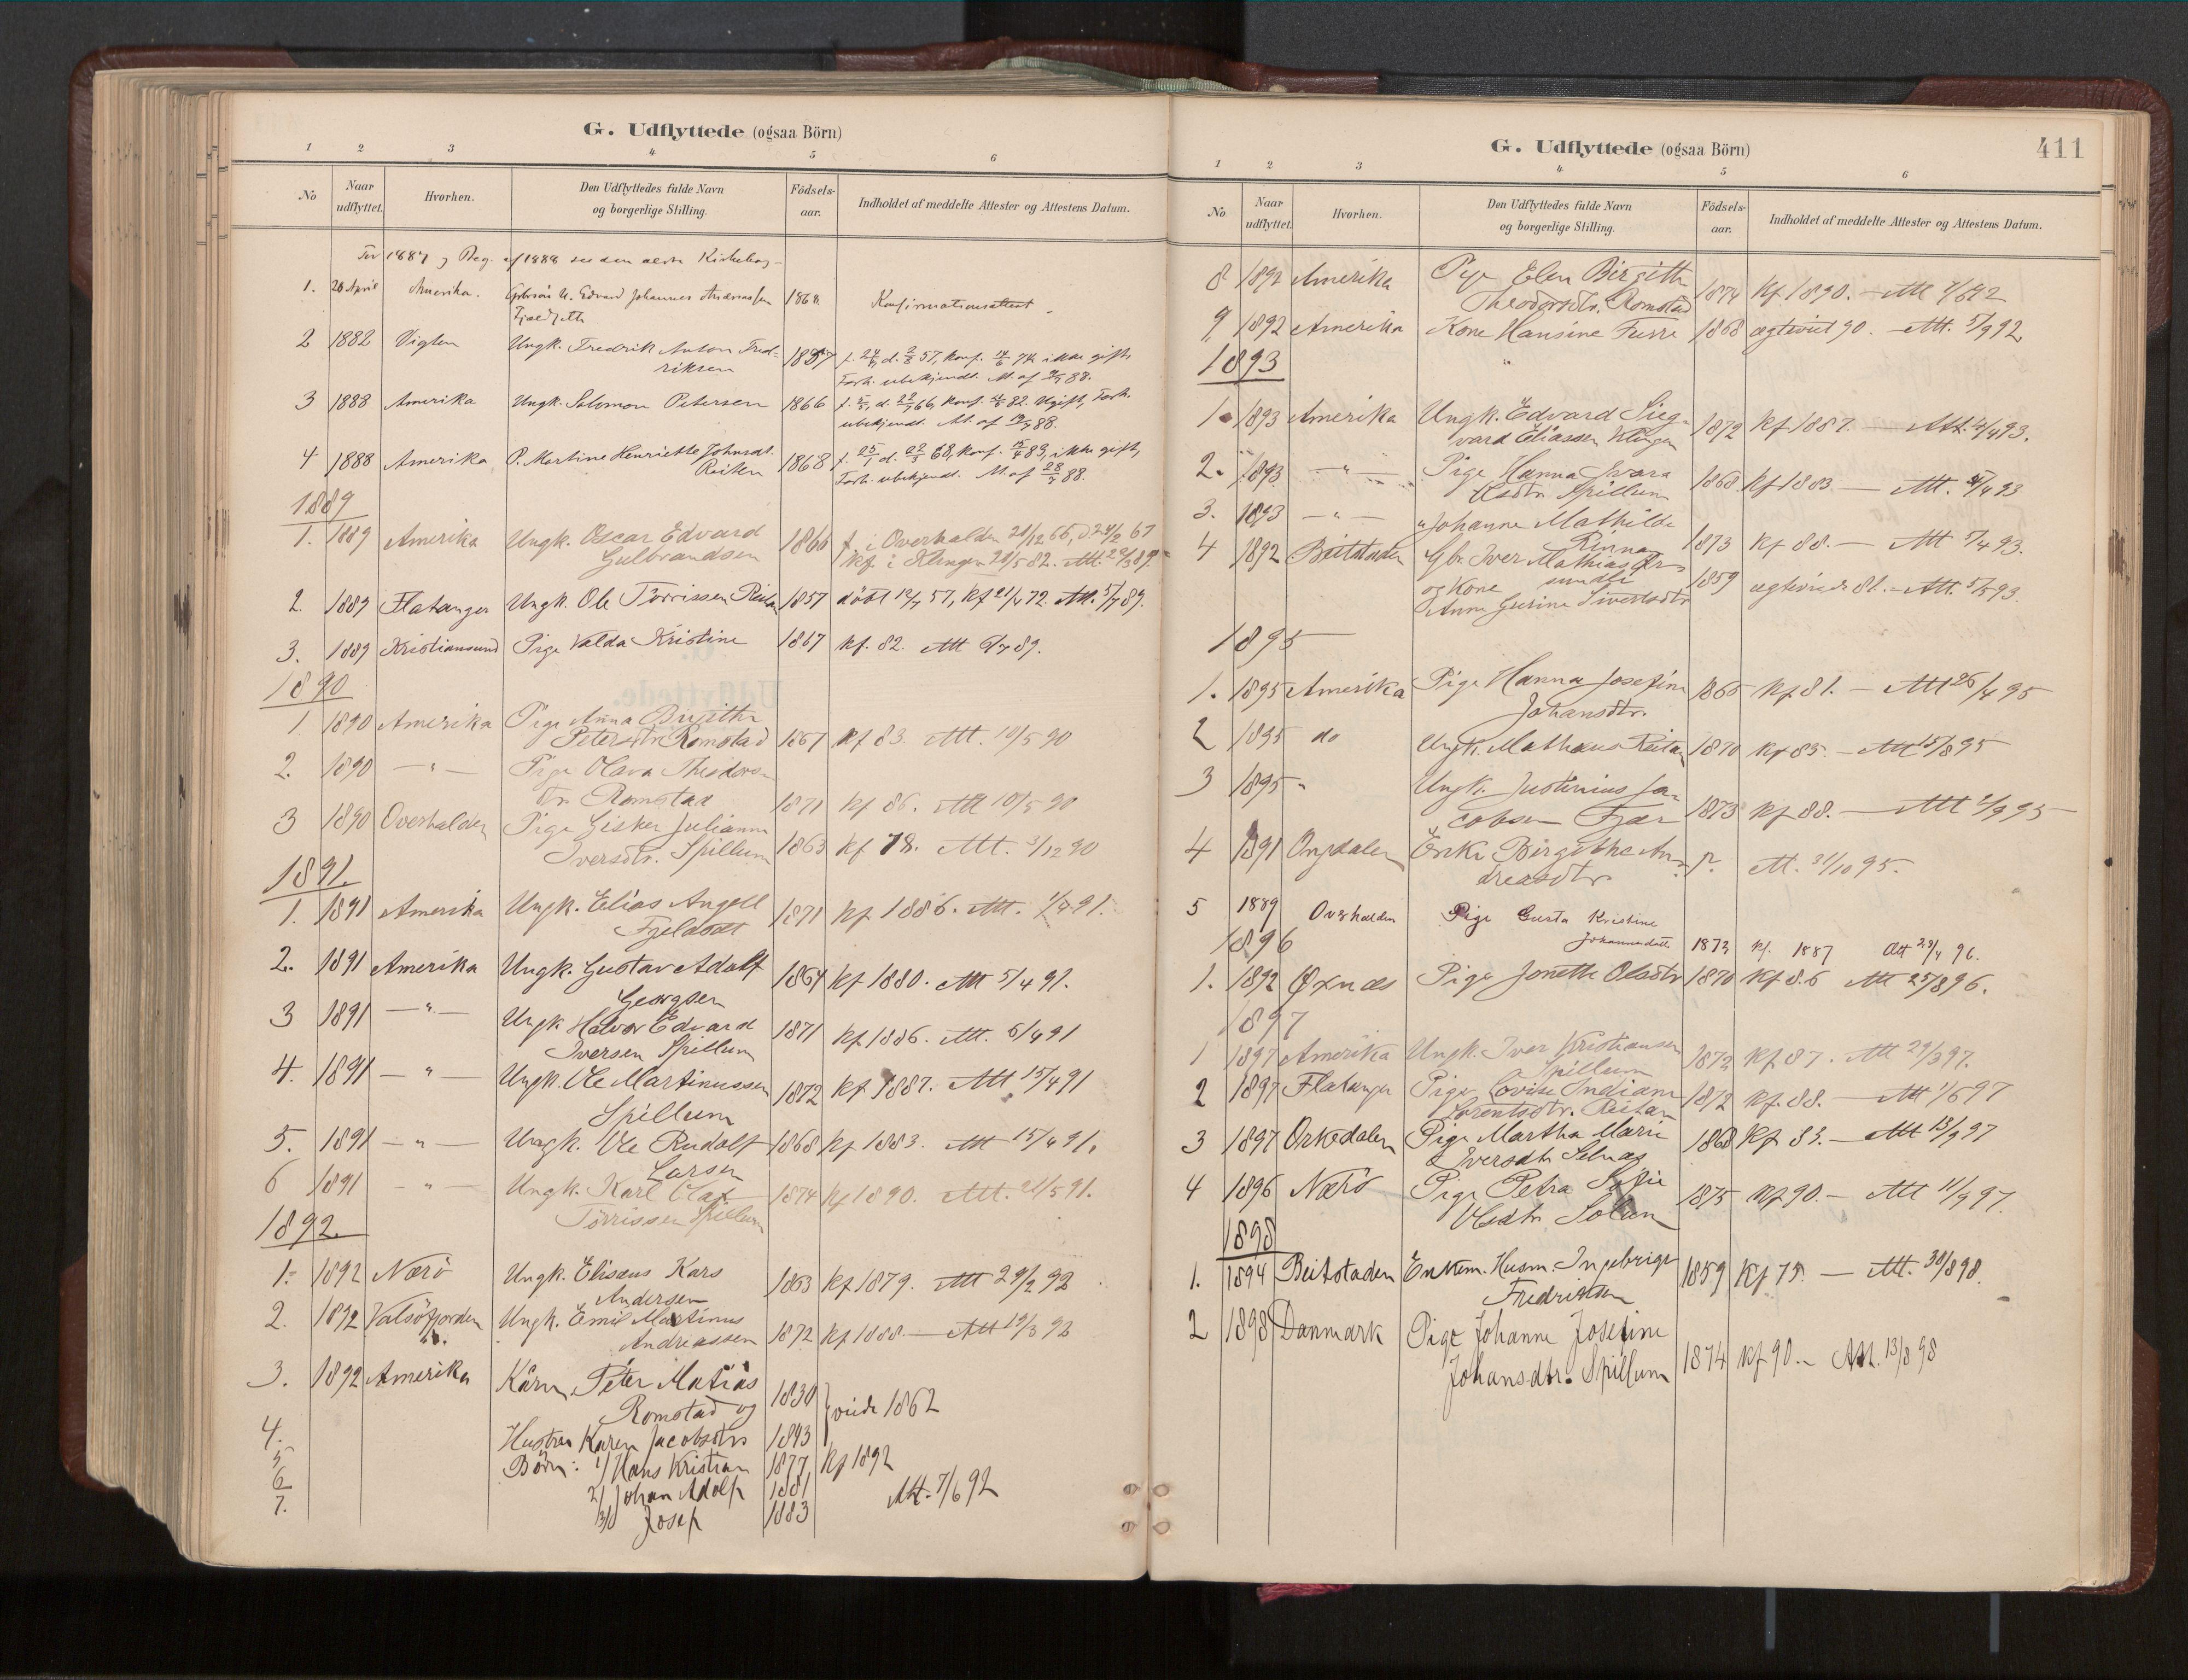 SAT, Ministerialprotokoller, klokkerbøker og fødselsregistre - Nord-Trøndelag, 770/L0589: Ministerialbok nr. 770A03, 1887-1929, s. 411